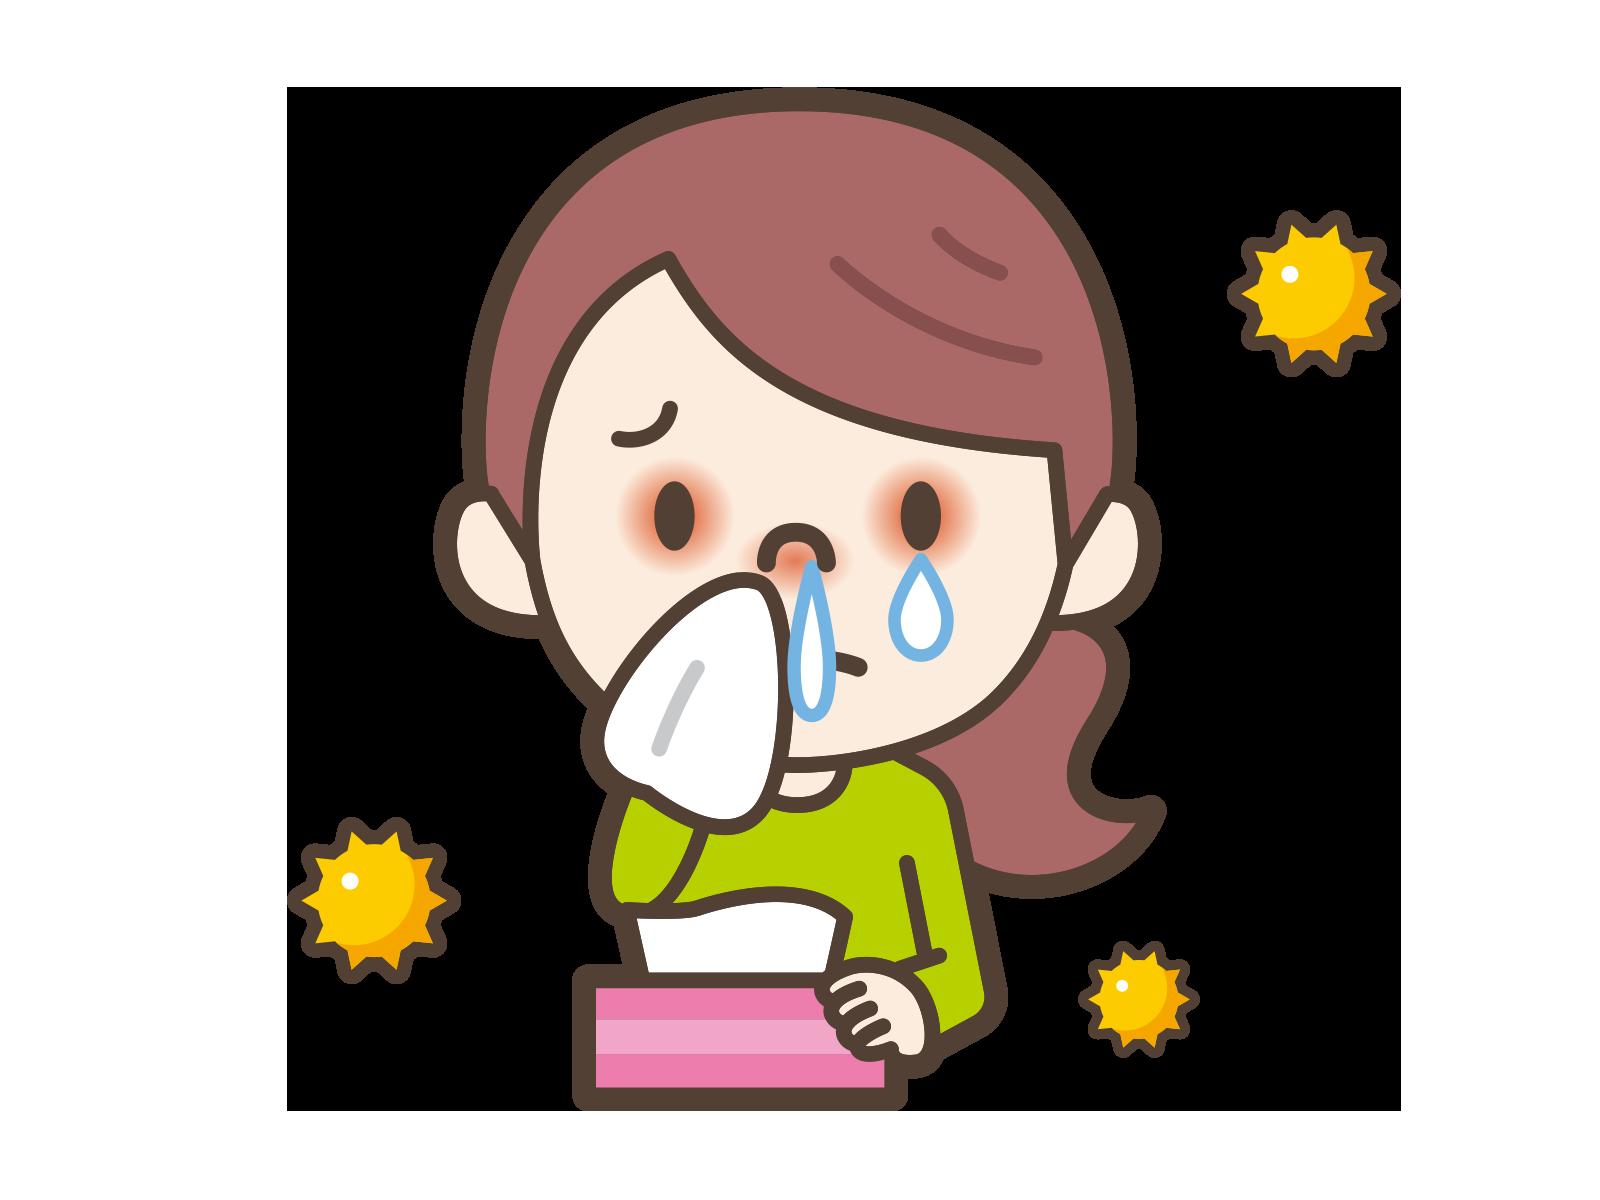 花粉に対する経皮免疫療法の有害事象は、皮膚の障害の程度による